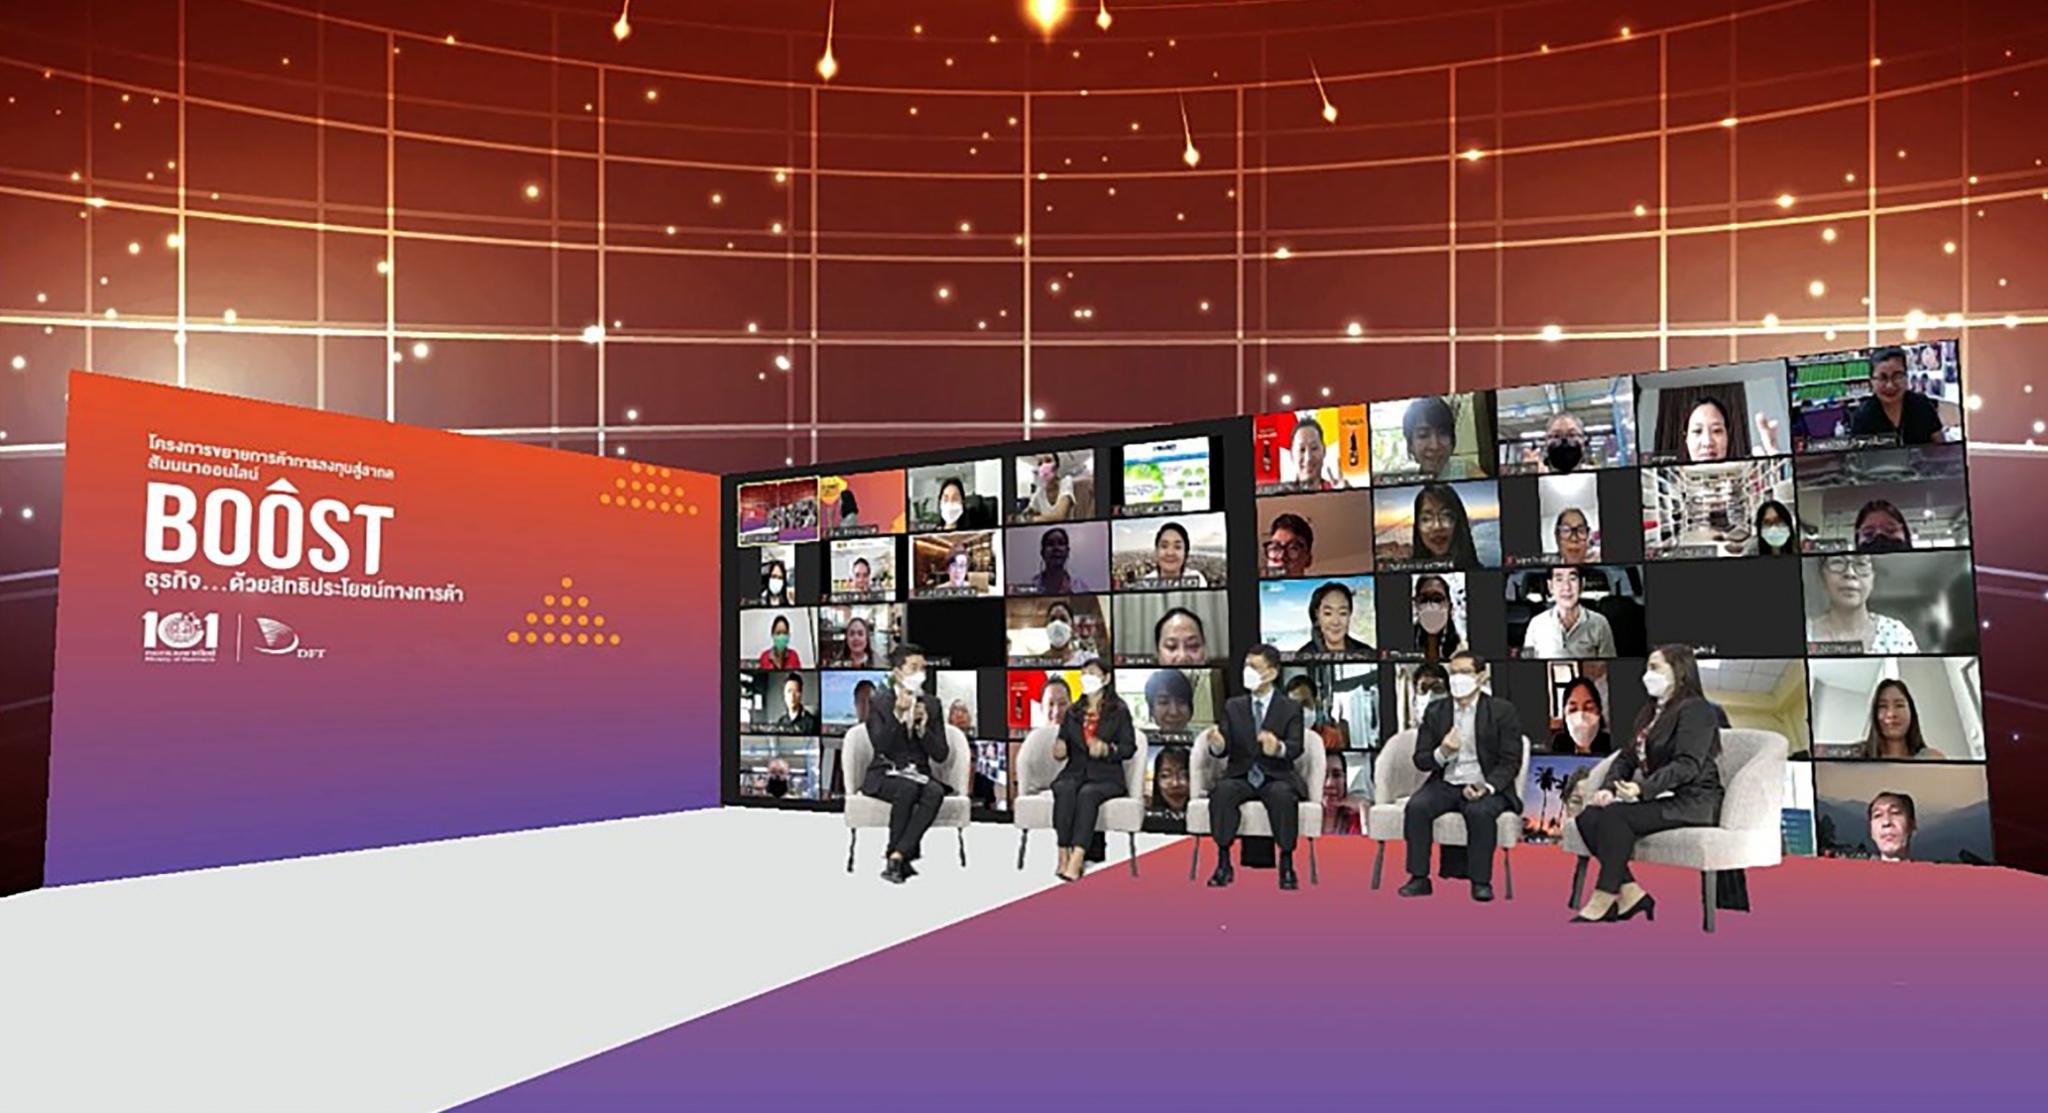 """กิจกรรมสัมมนาออนไลน์ภายใต้โครงการขยายการค้าการลงทุนสู่สากล ในหัวข้อ """"Boost ธุรกิจ…ด้วยสิทธิประโยชน์ทางการค้า"""" ในรูปแบบ Video Conference ผ่านระบบ Zoom"""